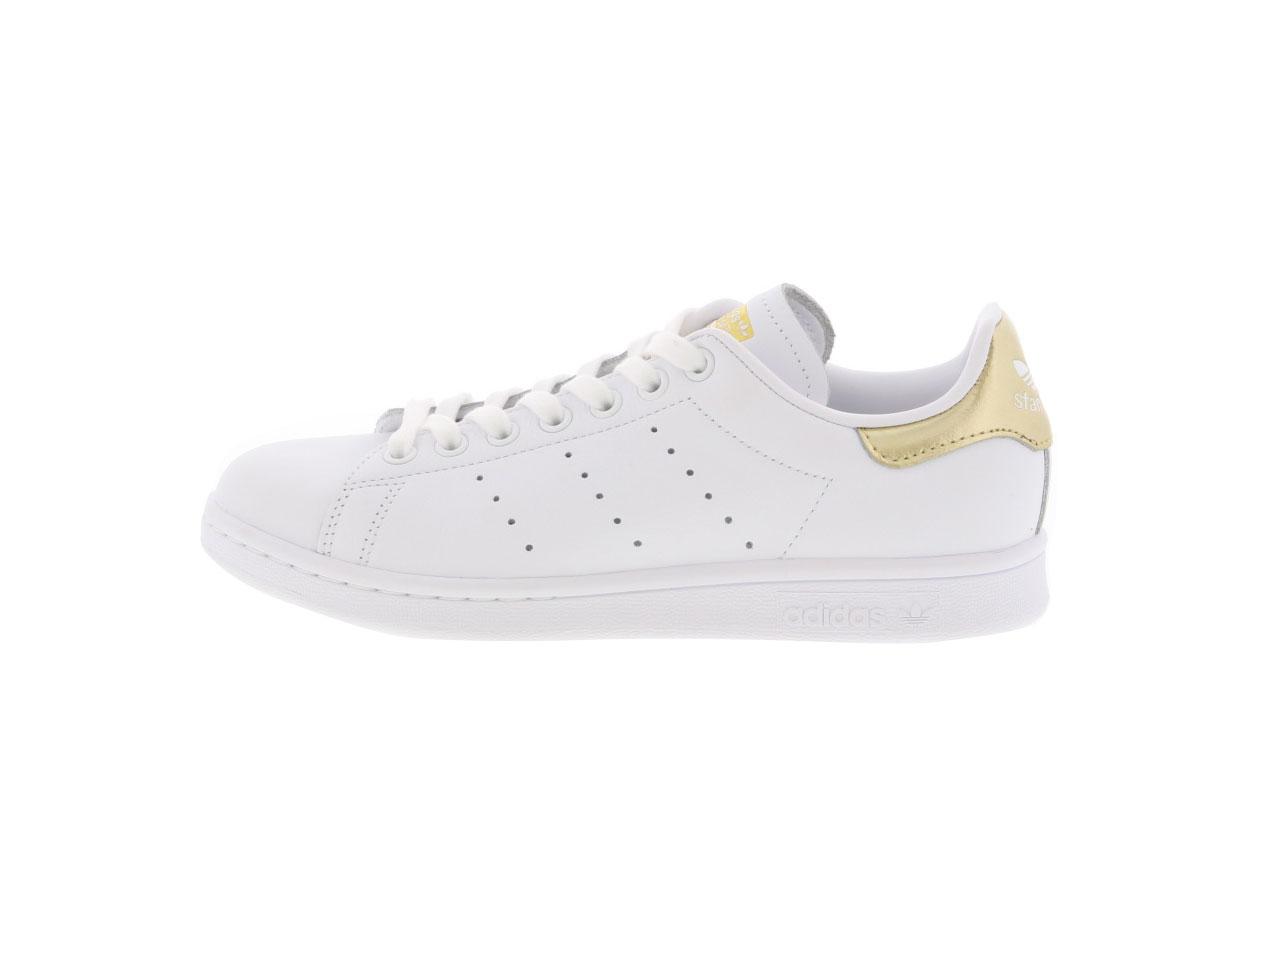 adidas STAN SMITH W(ee8836)【アディダス】【メンズファッション】【シューズ】【スニーカー】【靴】【フットウェア】